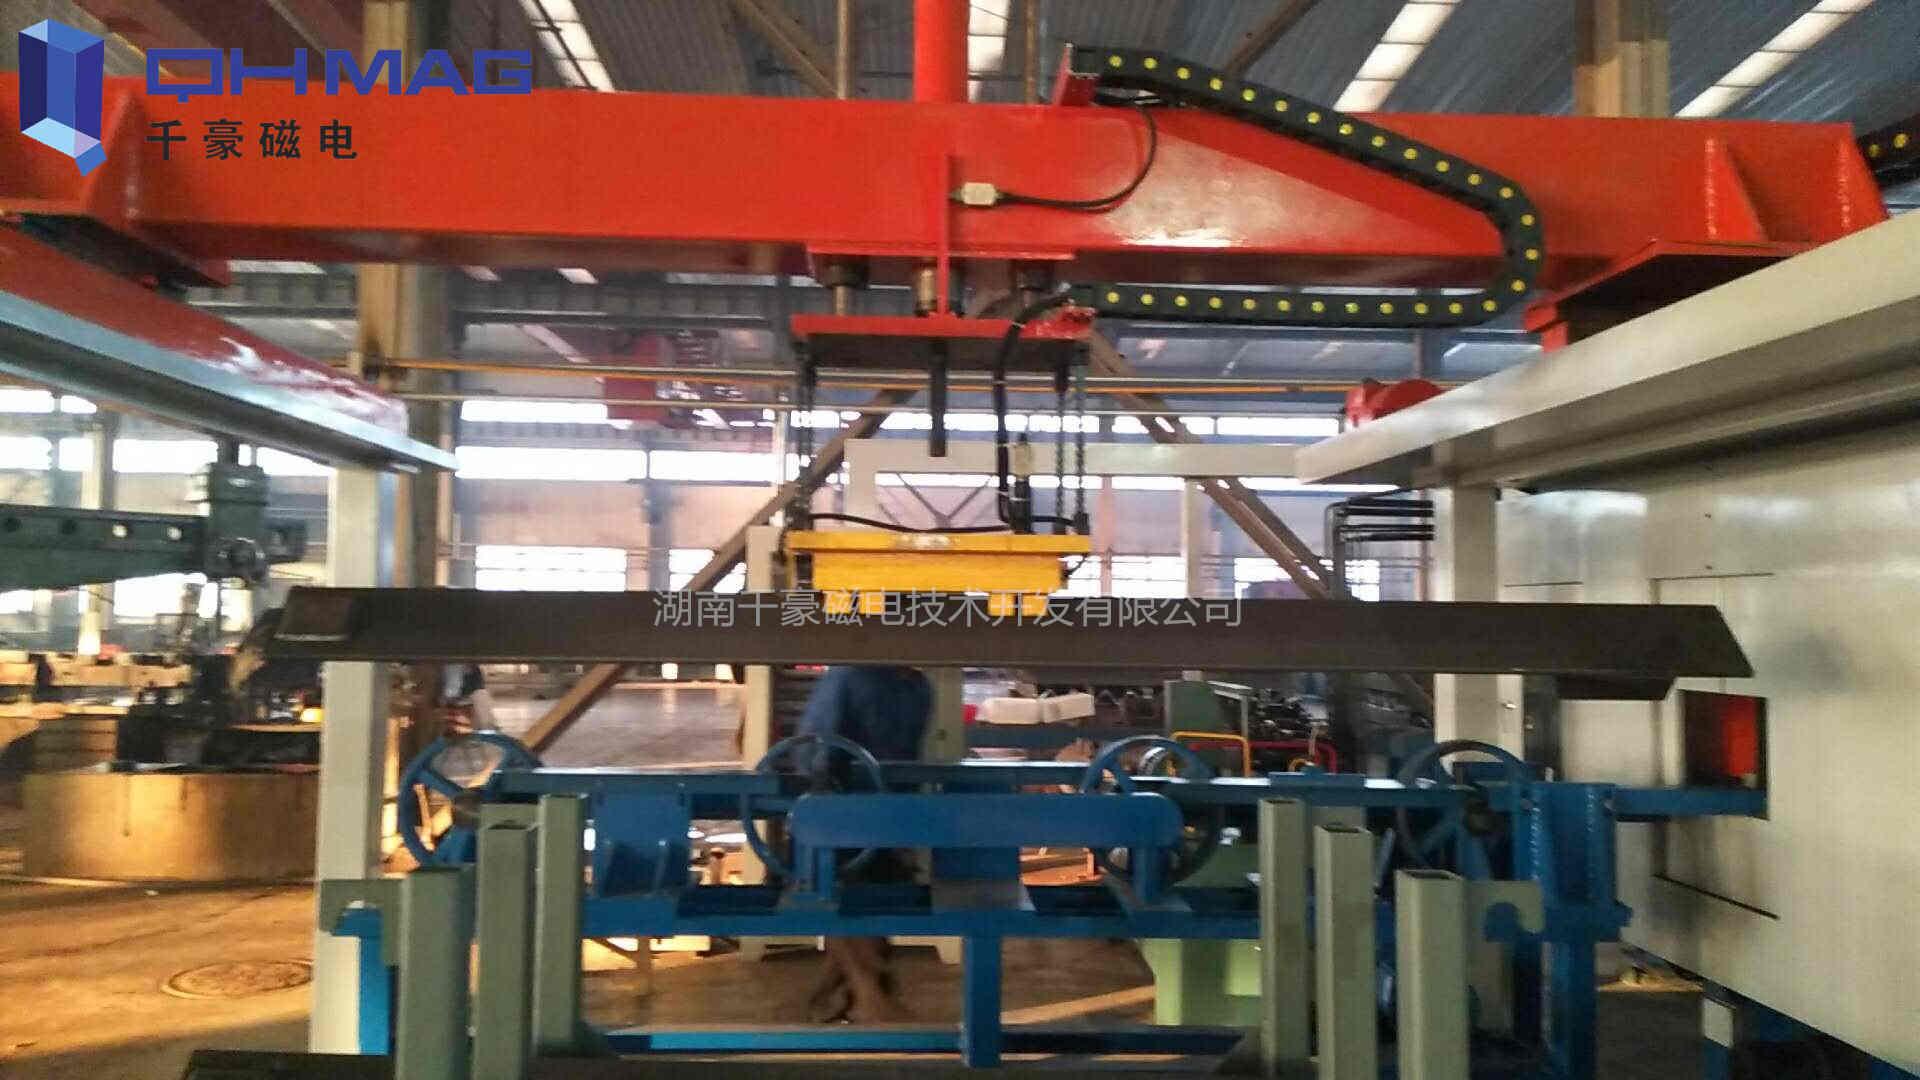 电永磁起重器,搬运宽厚角钢,工装自动化电永磁夹具